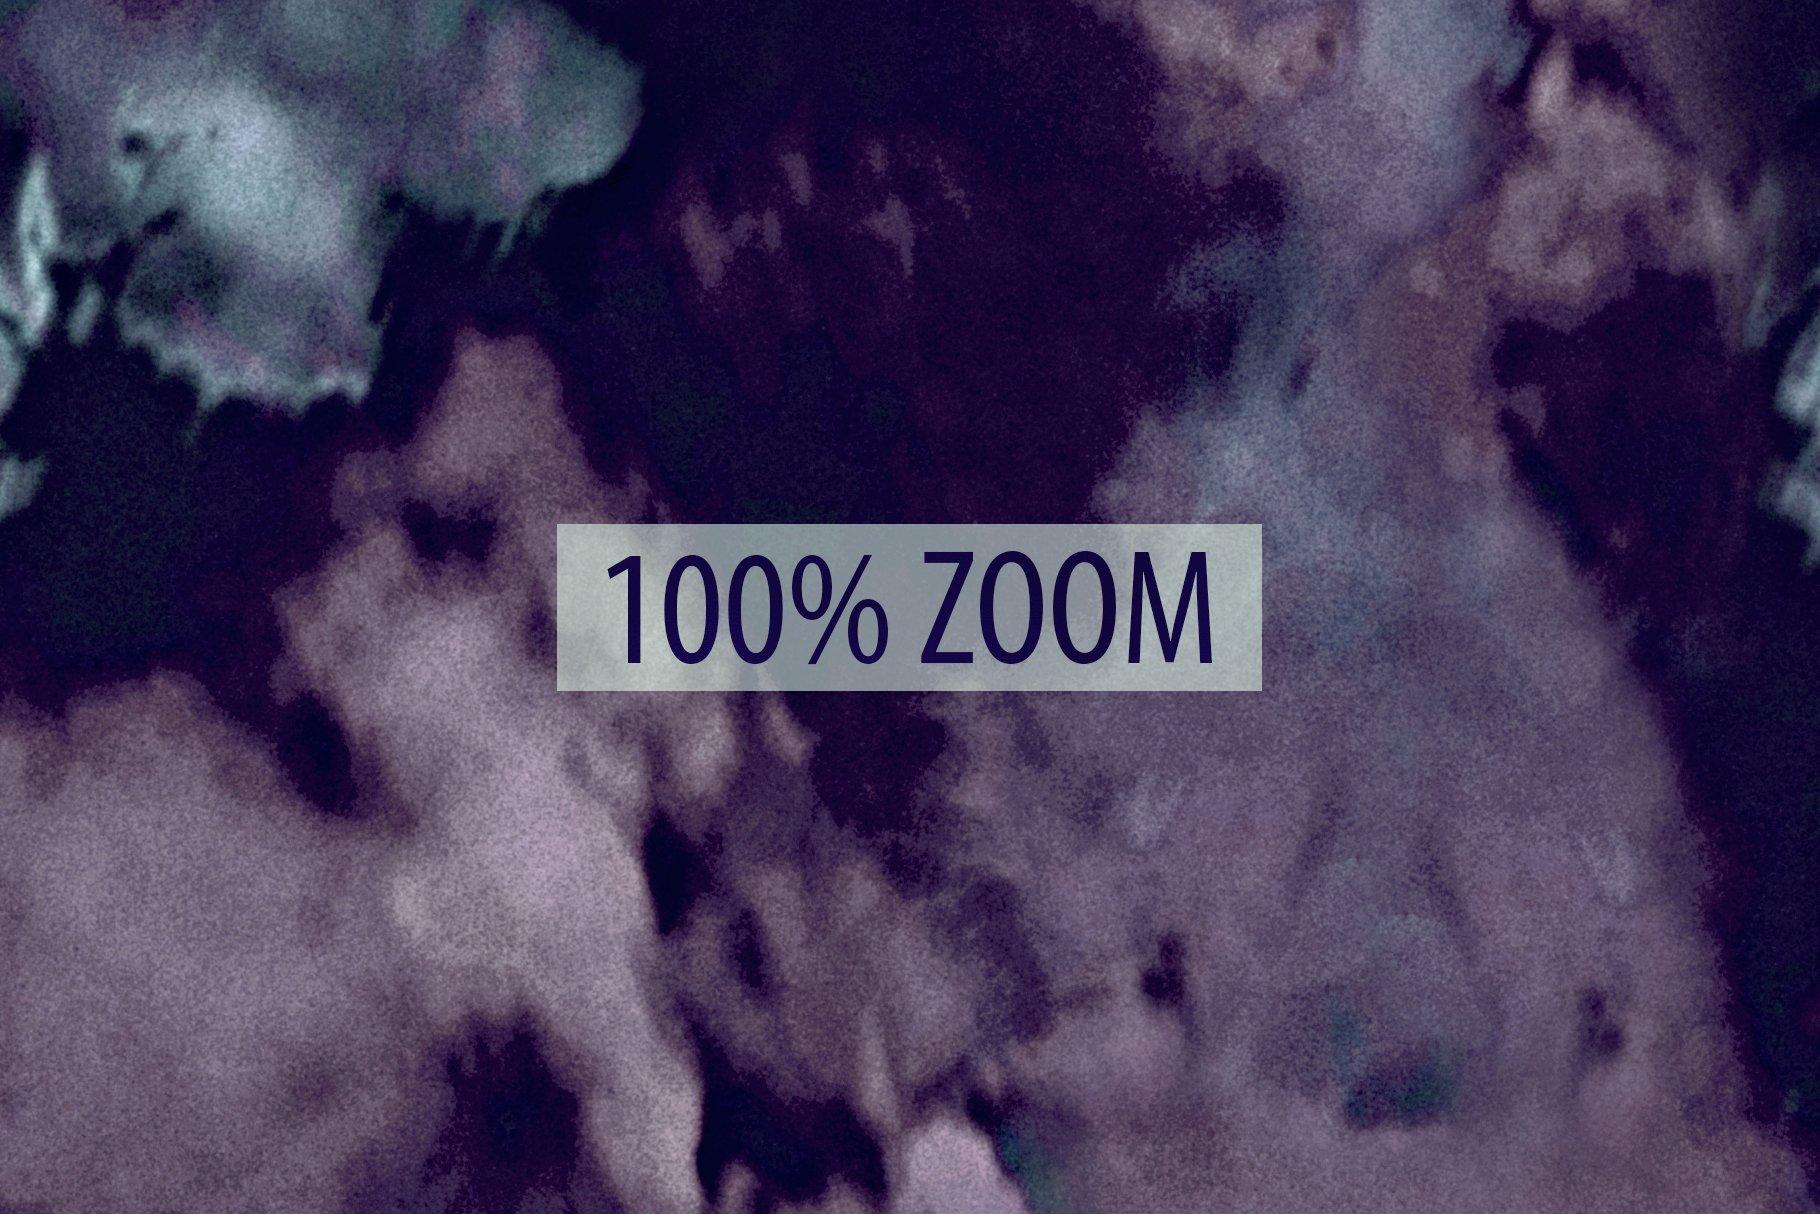 抽象紫色海军蓝绿色调丙烯酸油漆笔刷背景纹理图片素材 Brushstroke Textures Collection插图(13)